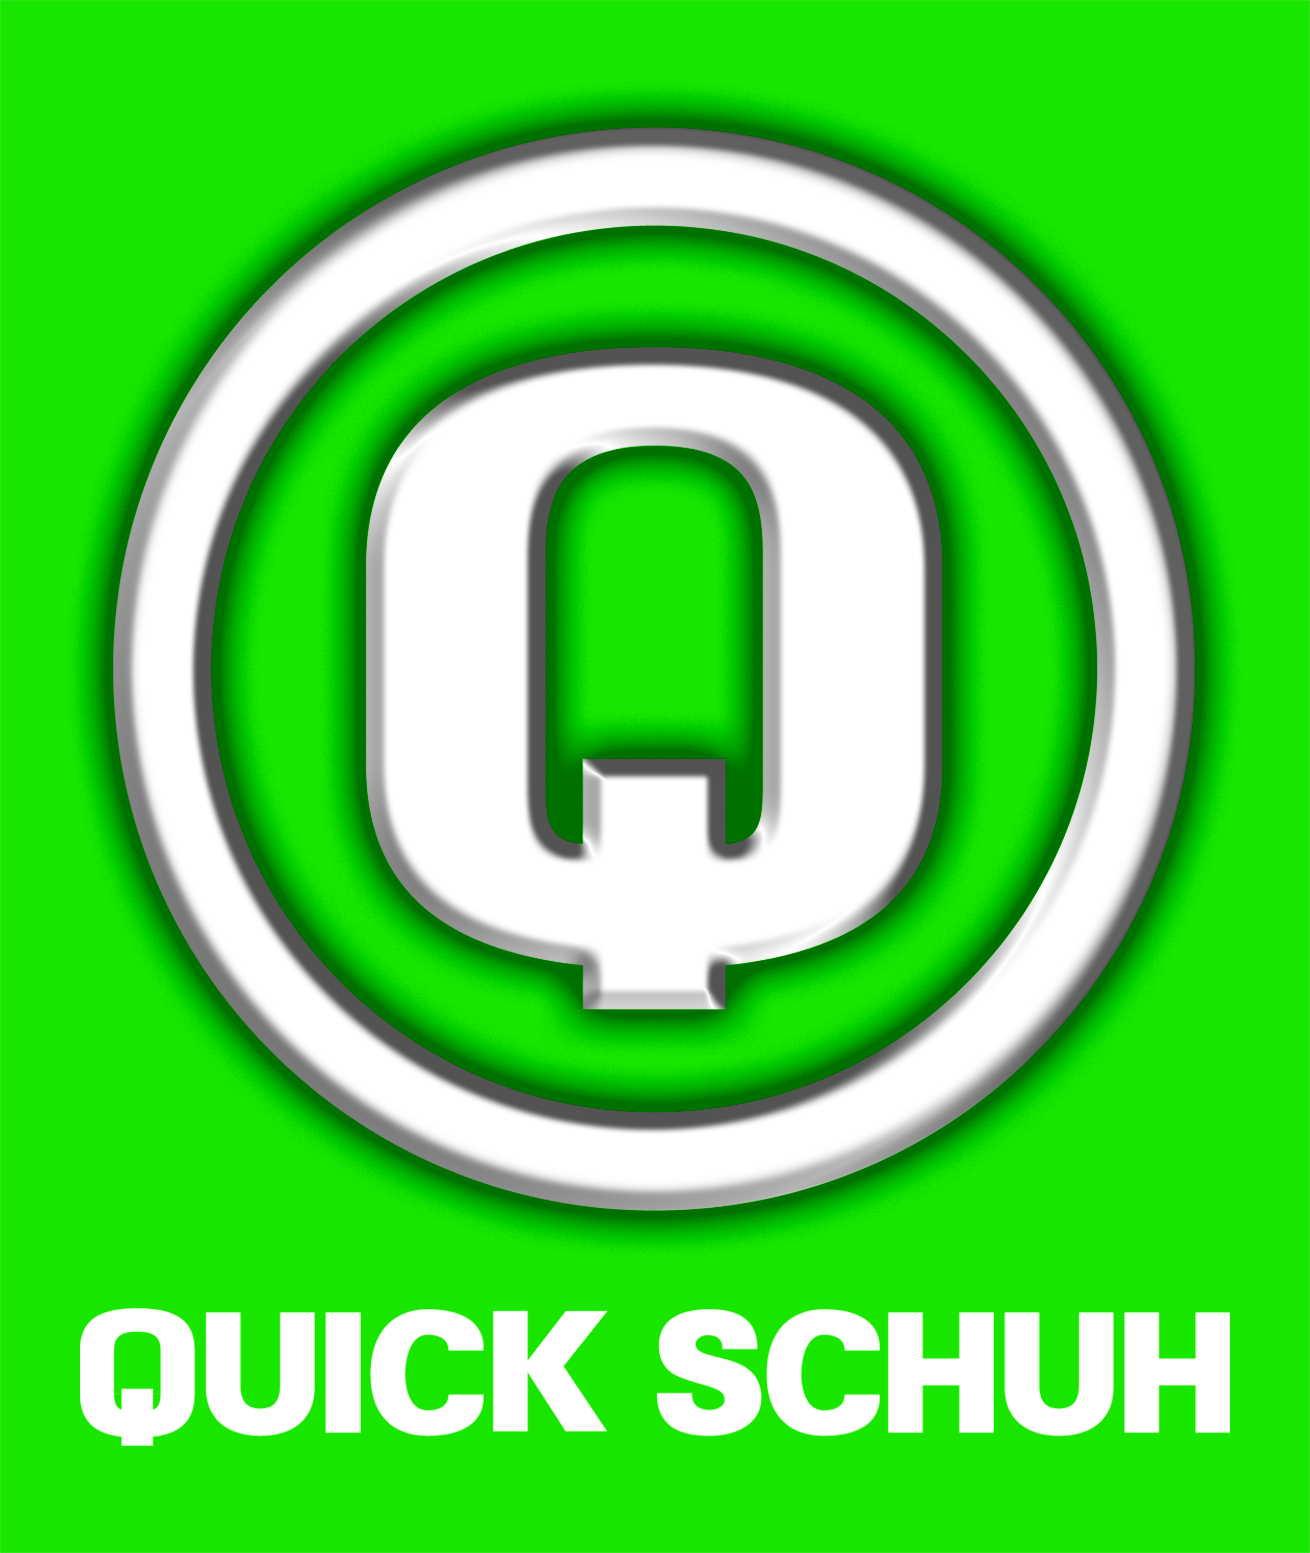 Quick-Schuh